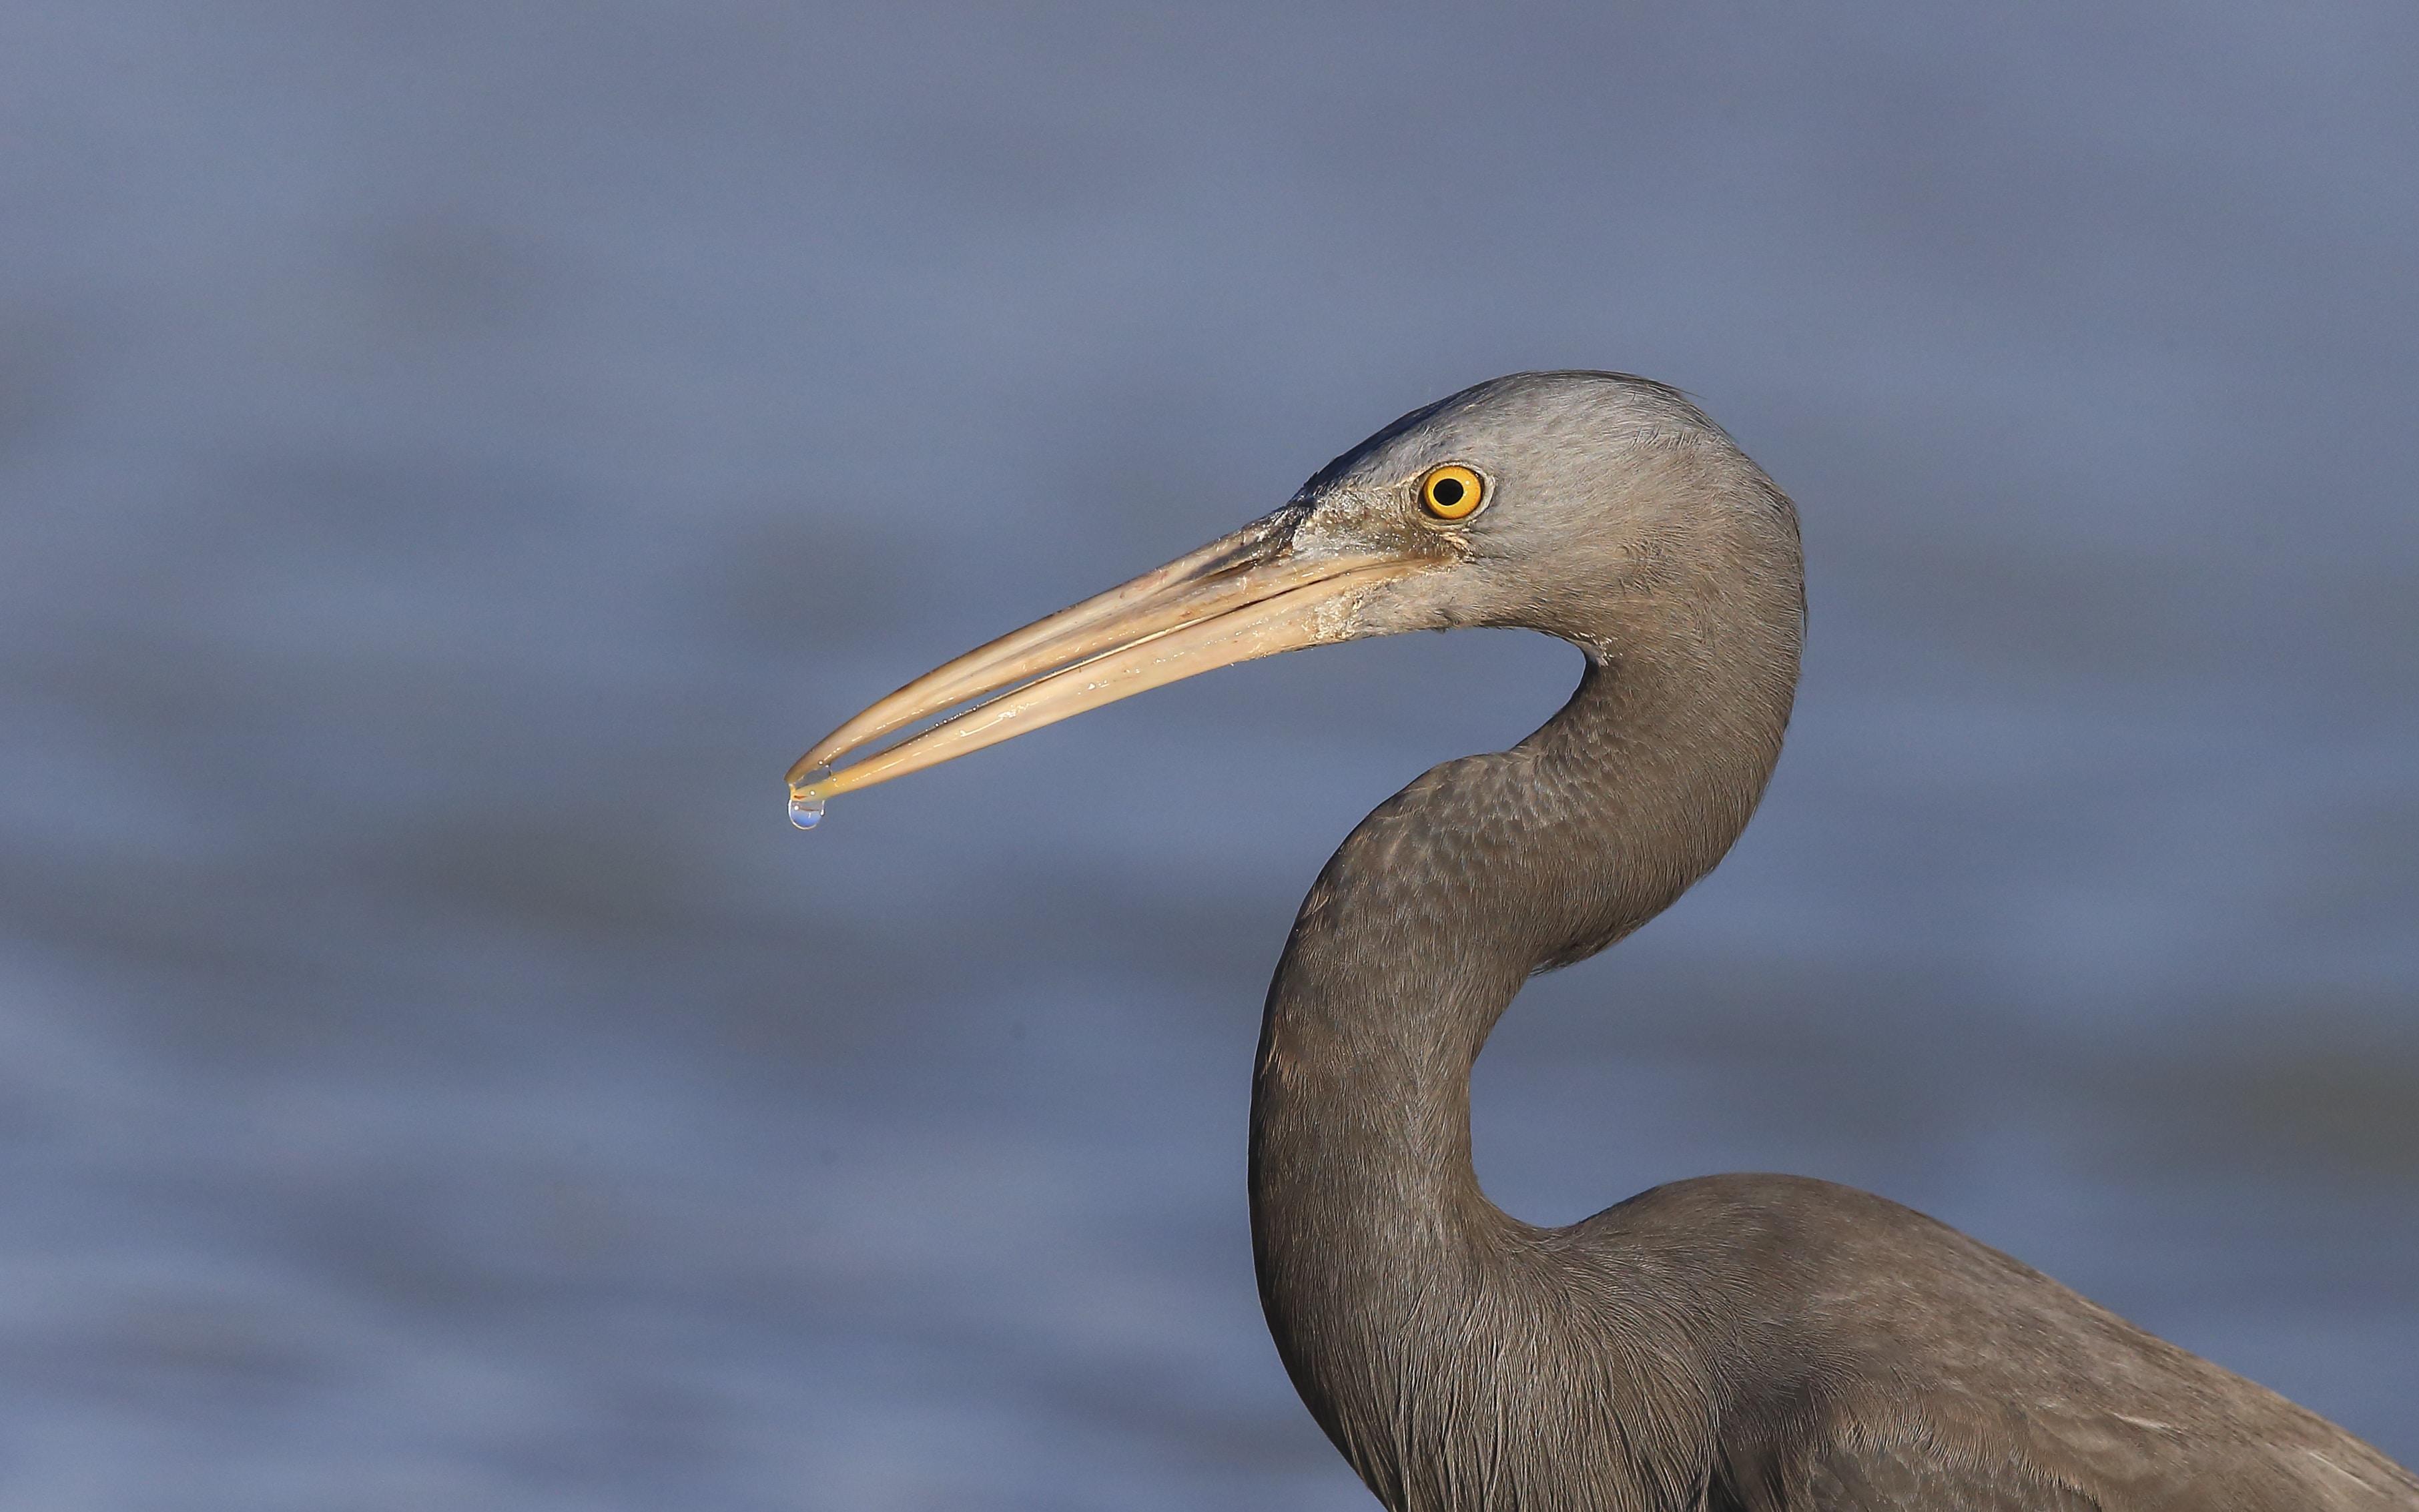 gray stork at daytime